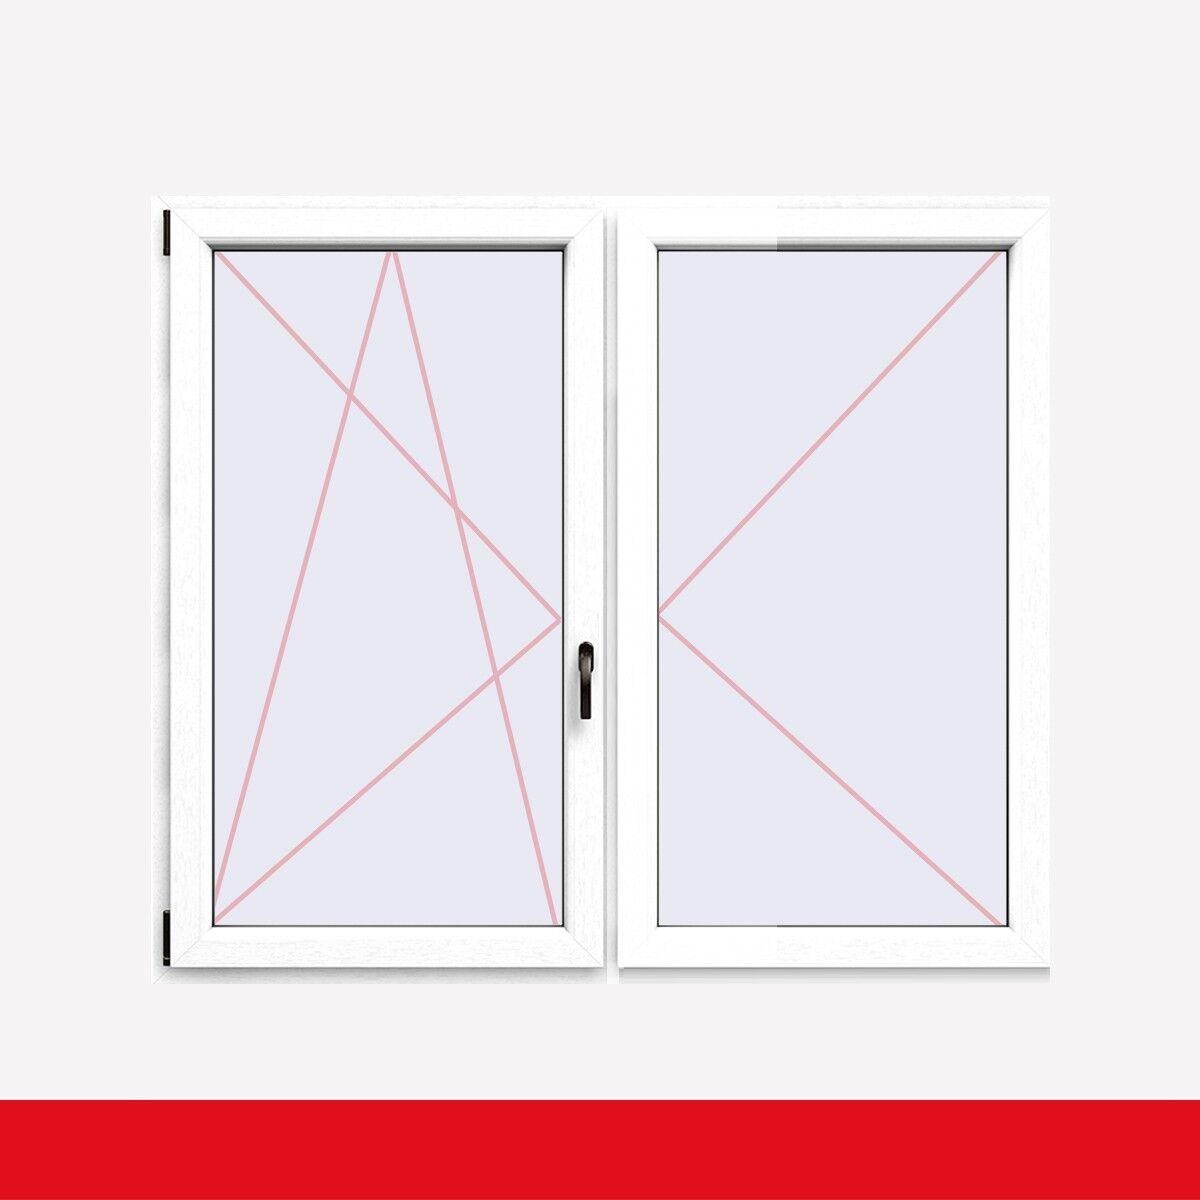 Stulpfenster Weiss FX beidseitig 2 flg. D/DK Kunststofffenster mit Stulp